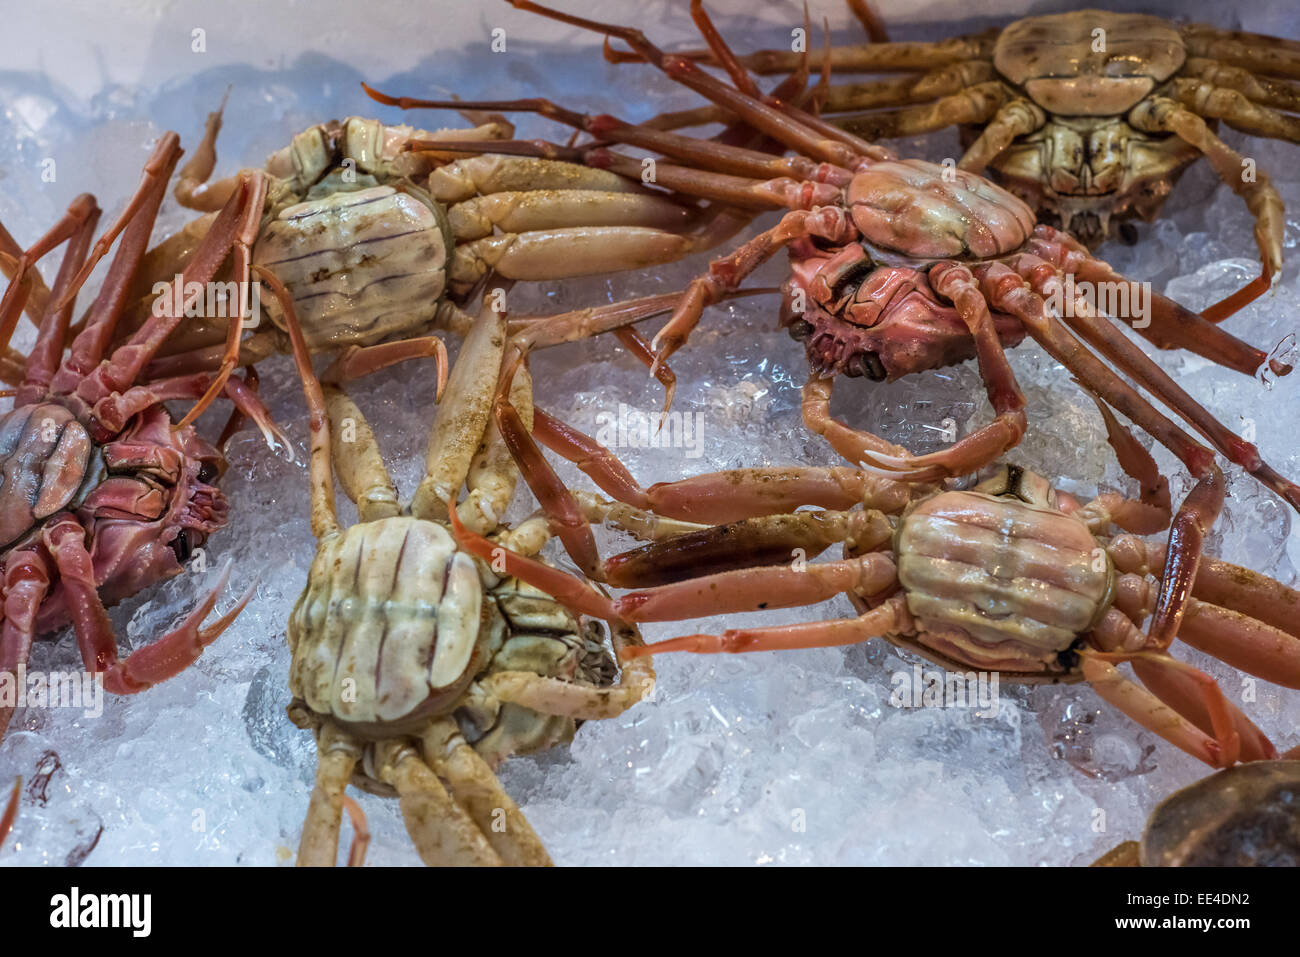 Fresh crabs at Tsukiji fish market, Tokyo, Japan - Stock Image